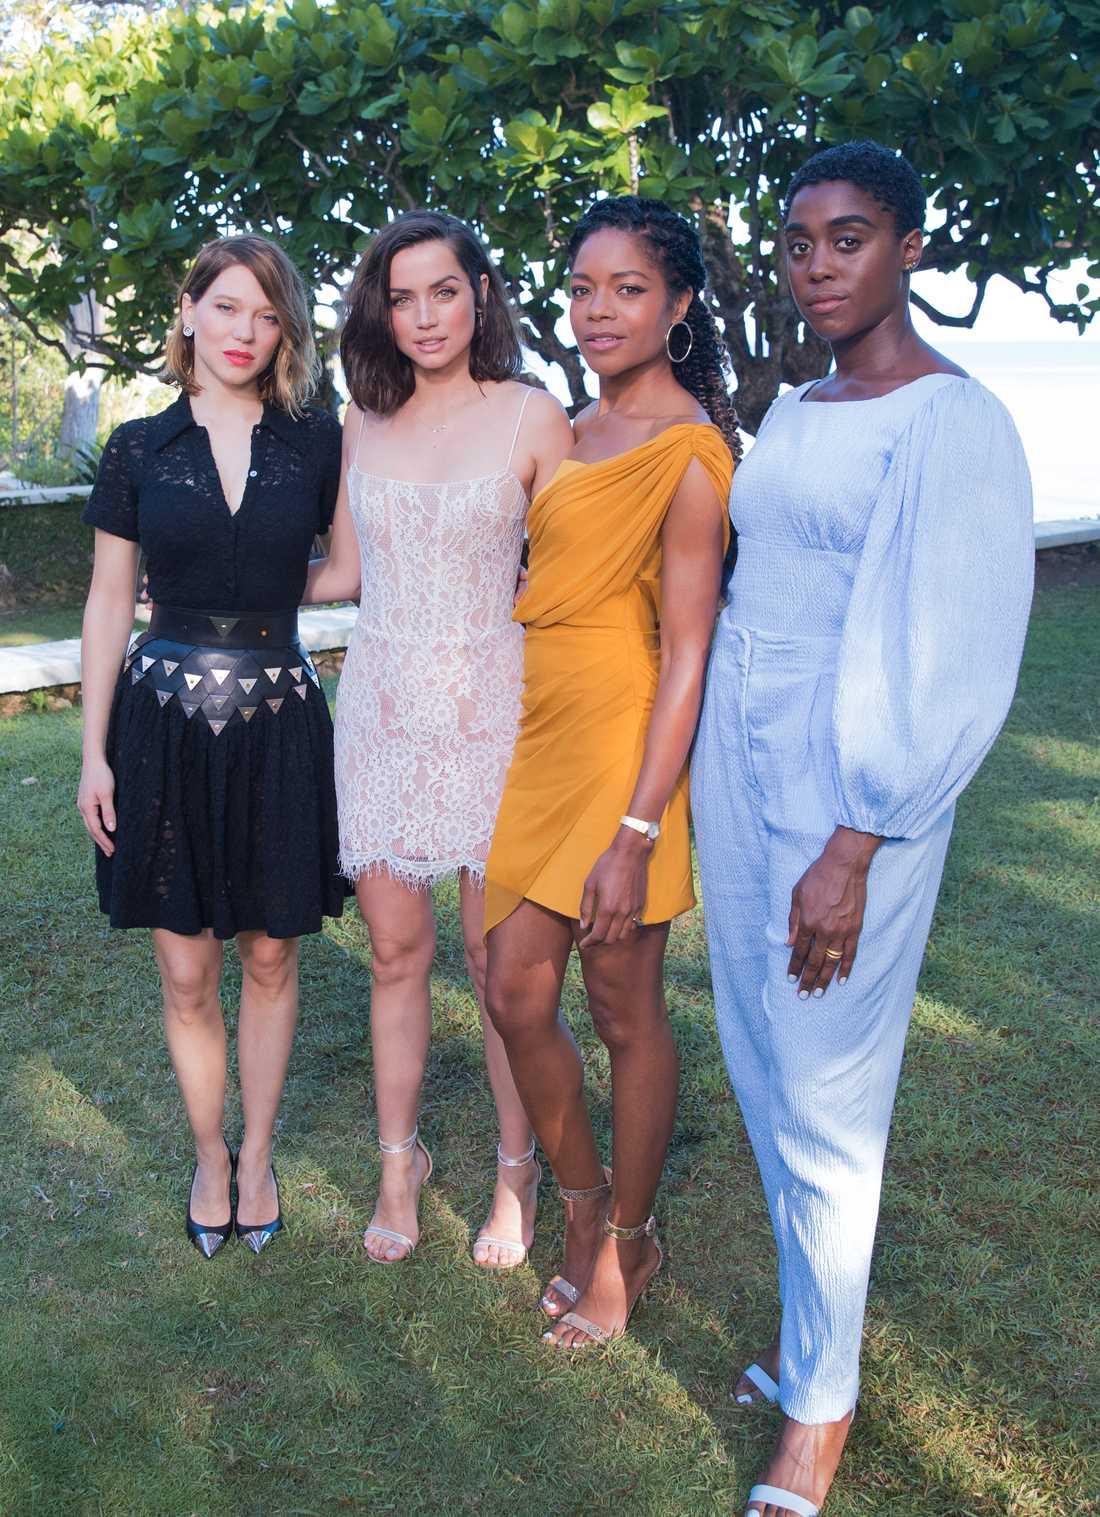 Lashana Lynch, längst till höger ryktas bli den nya 007.